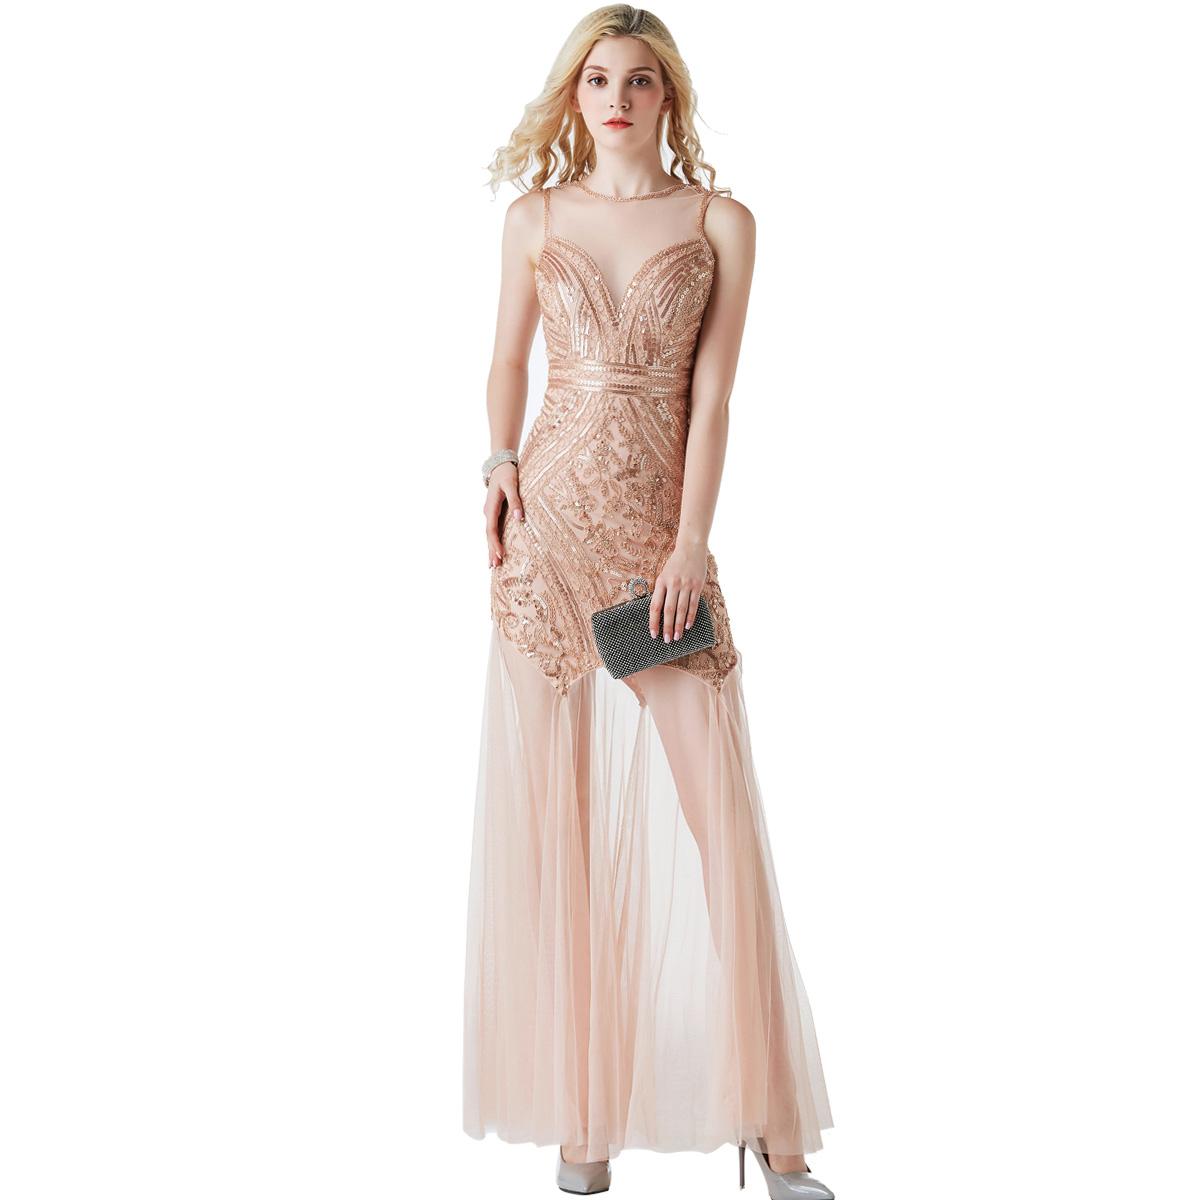 Vintage Wedding Dresses Glasgow: 2019 Sequin Long Evening Dress Formal Party Vintage